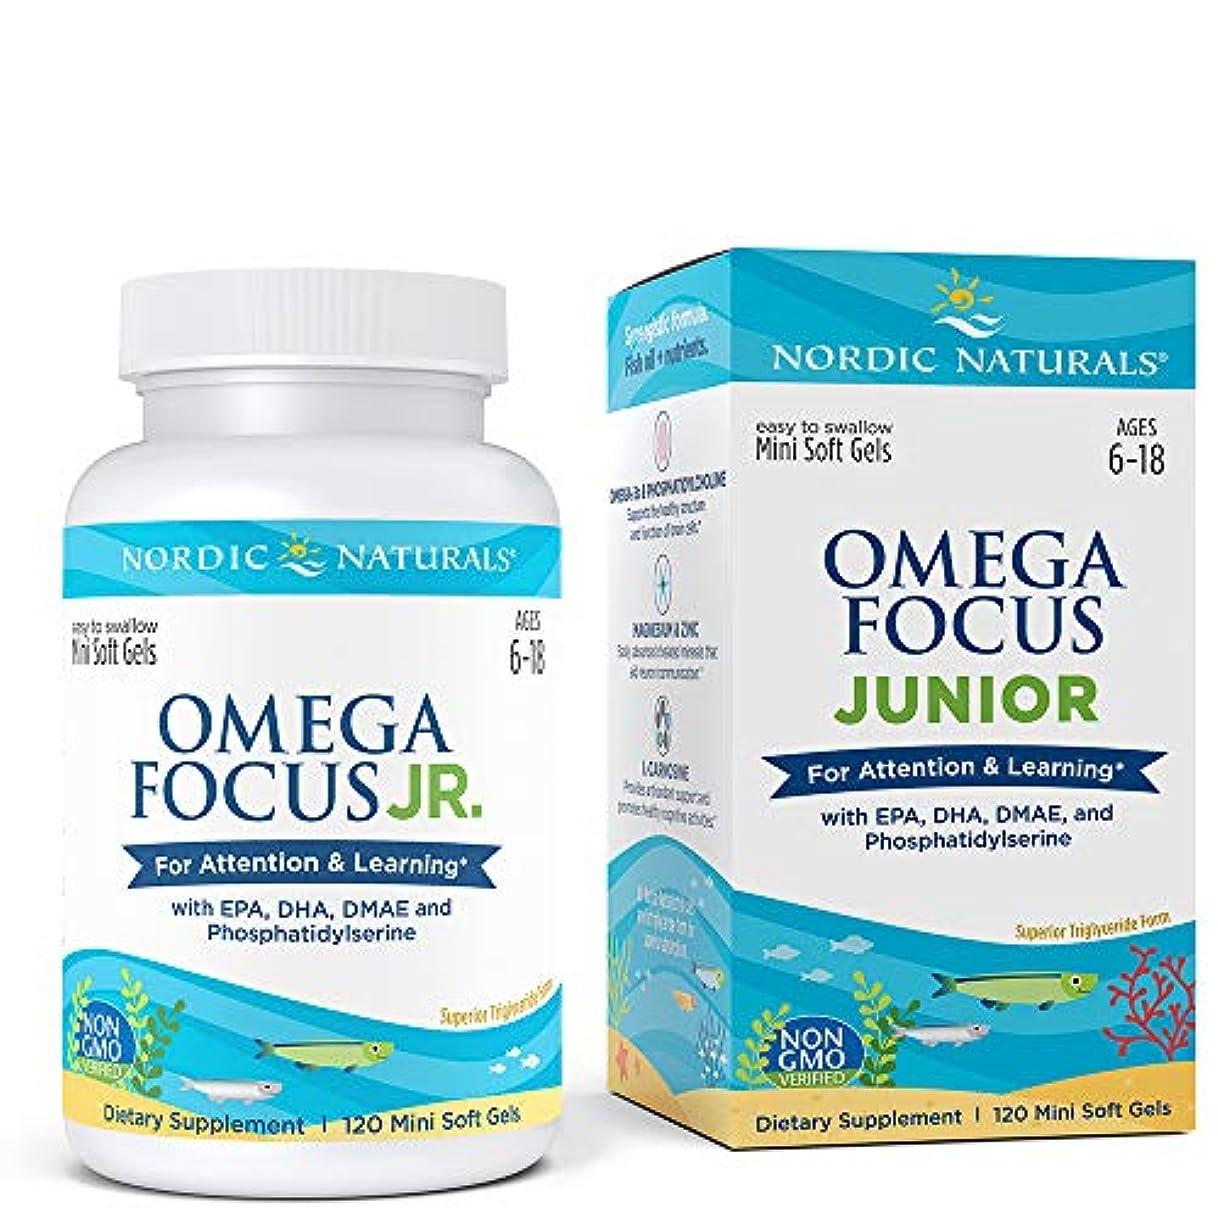 やりすぎロボット競争力のあるNordic Naturals Omega Focus Junior オメガ フォーカス ジュニア ソフトカプセル 120錠 [海外直送品]